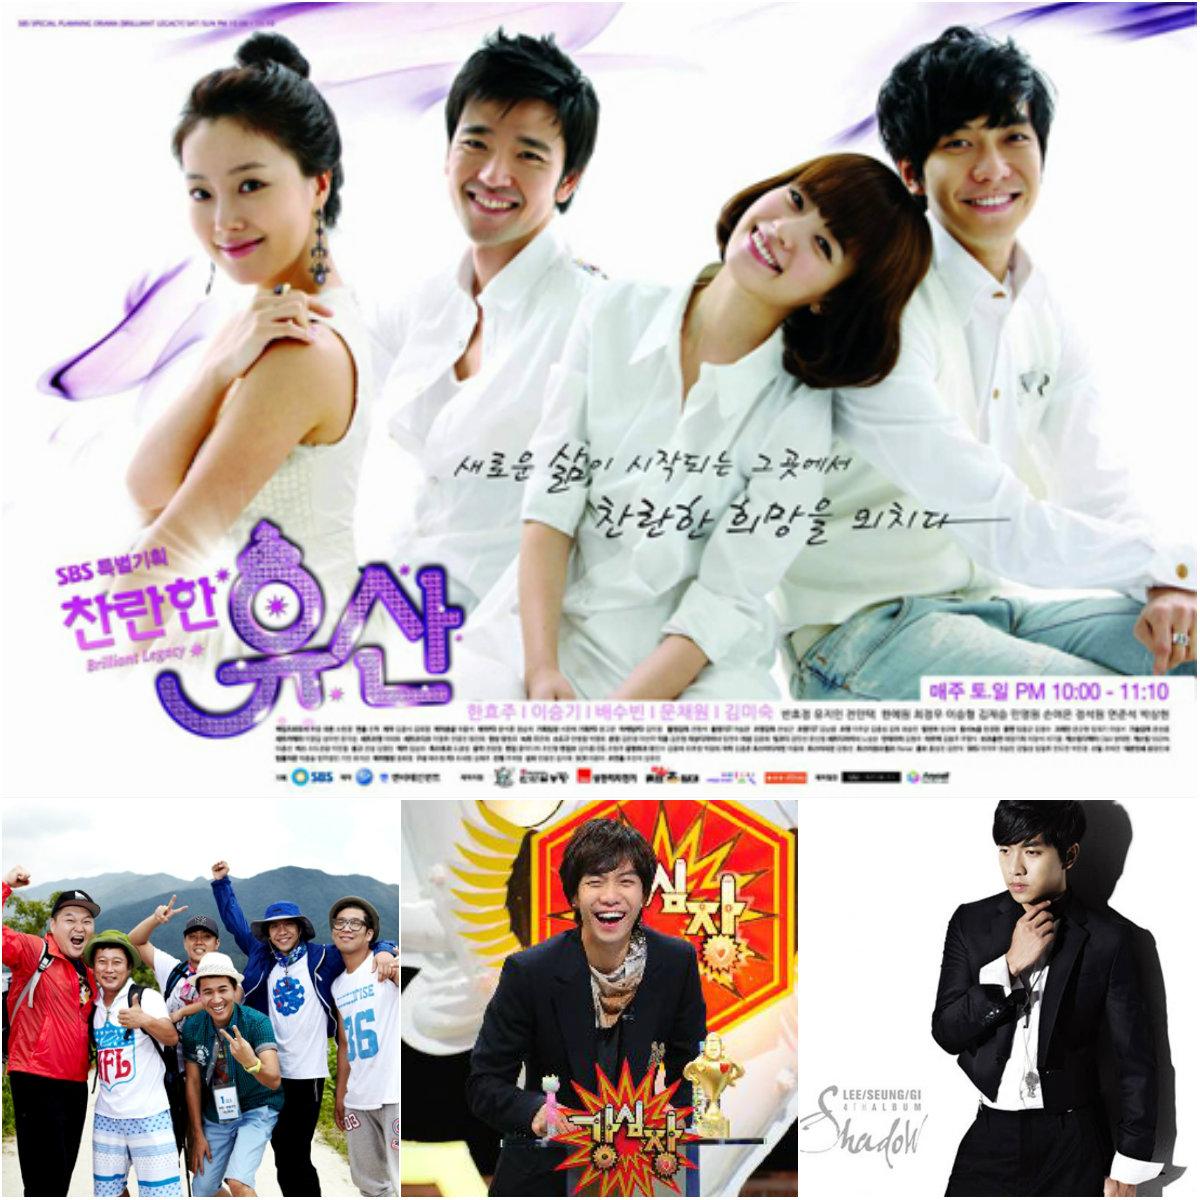 2014.09.08_lee seung gi 2009